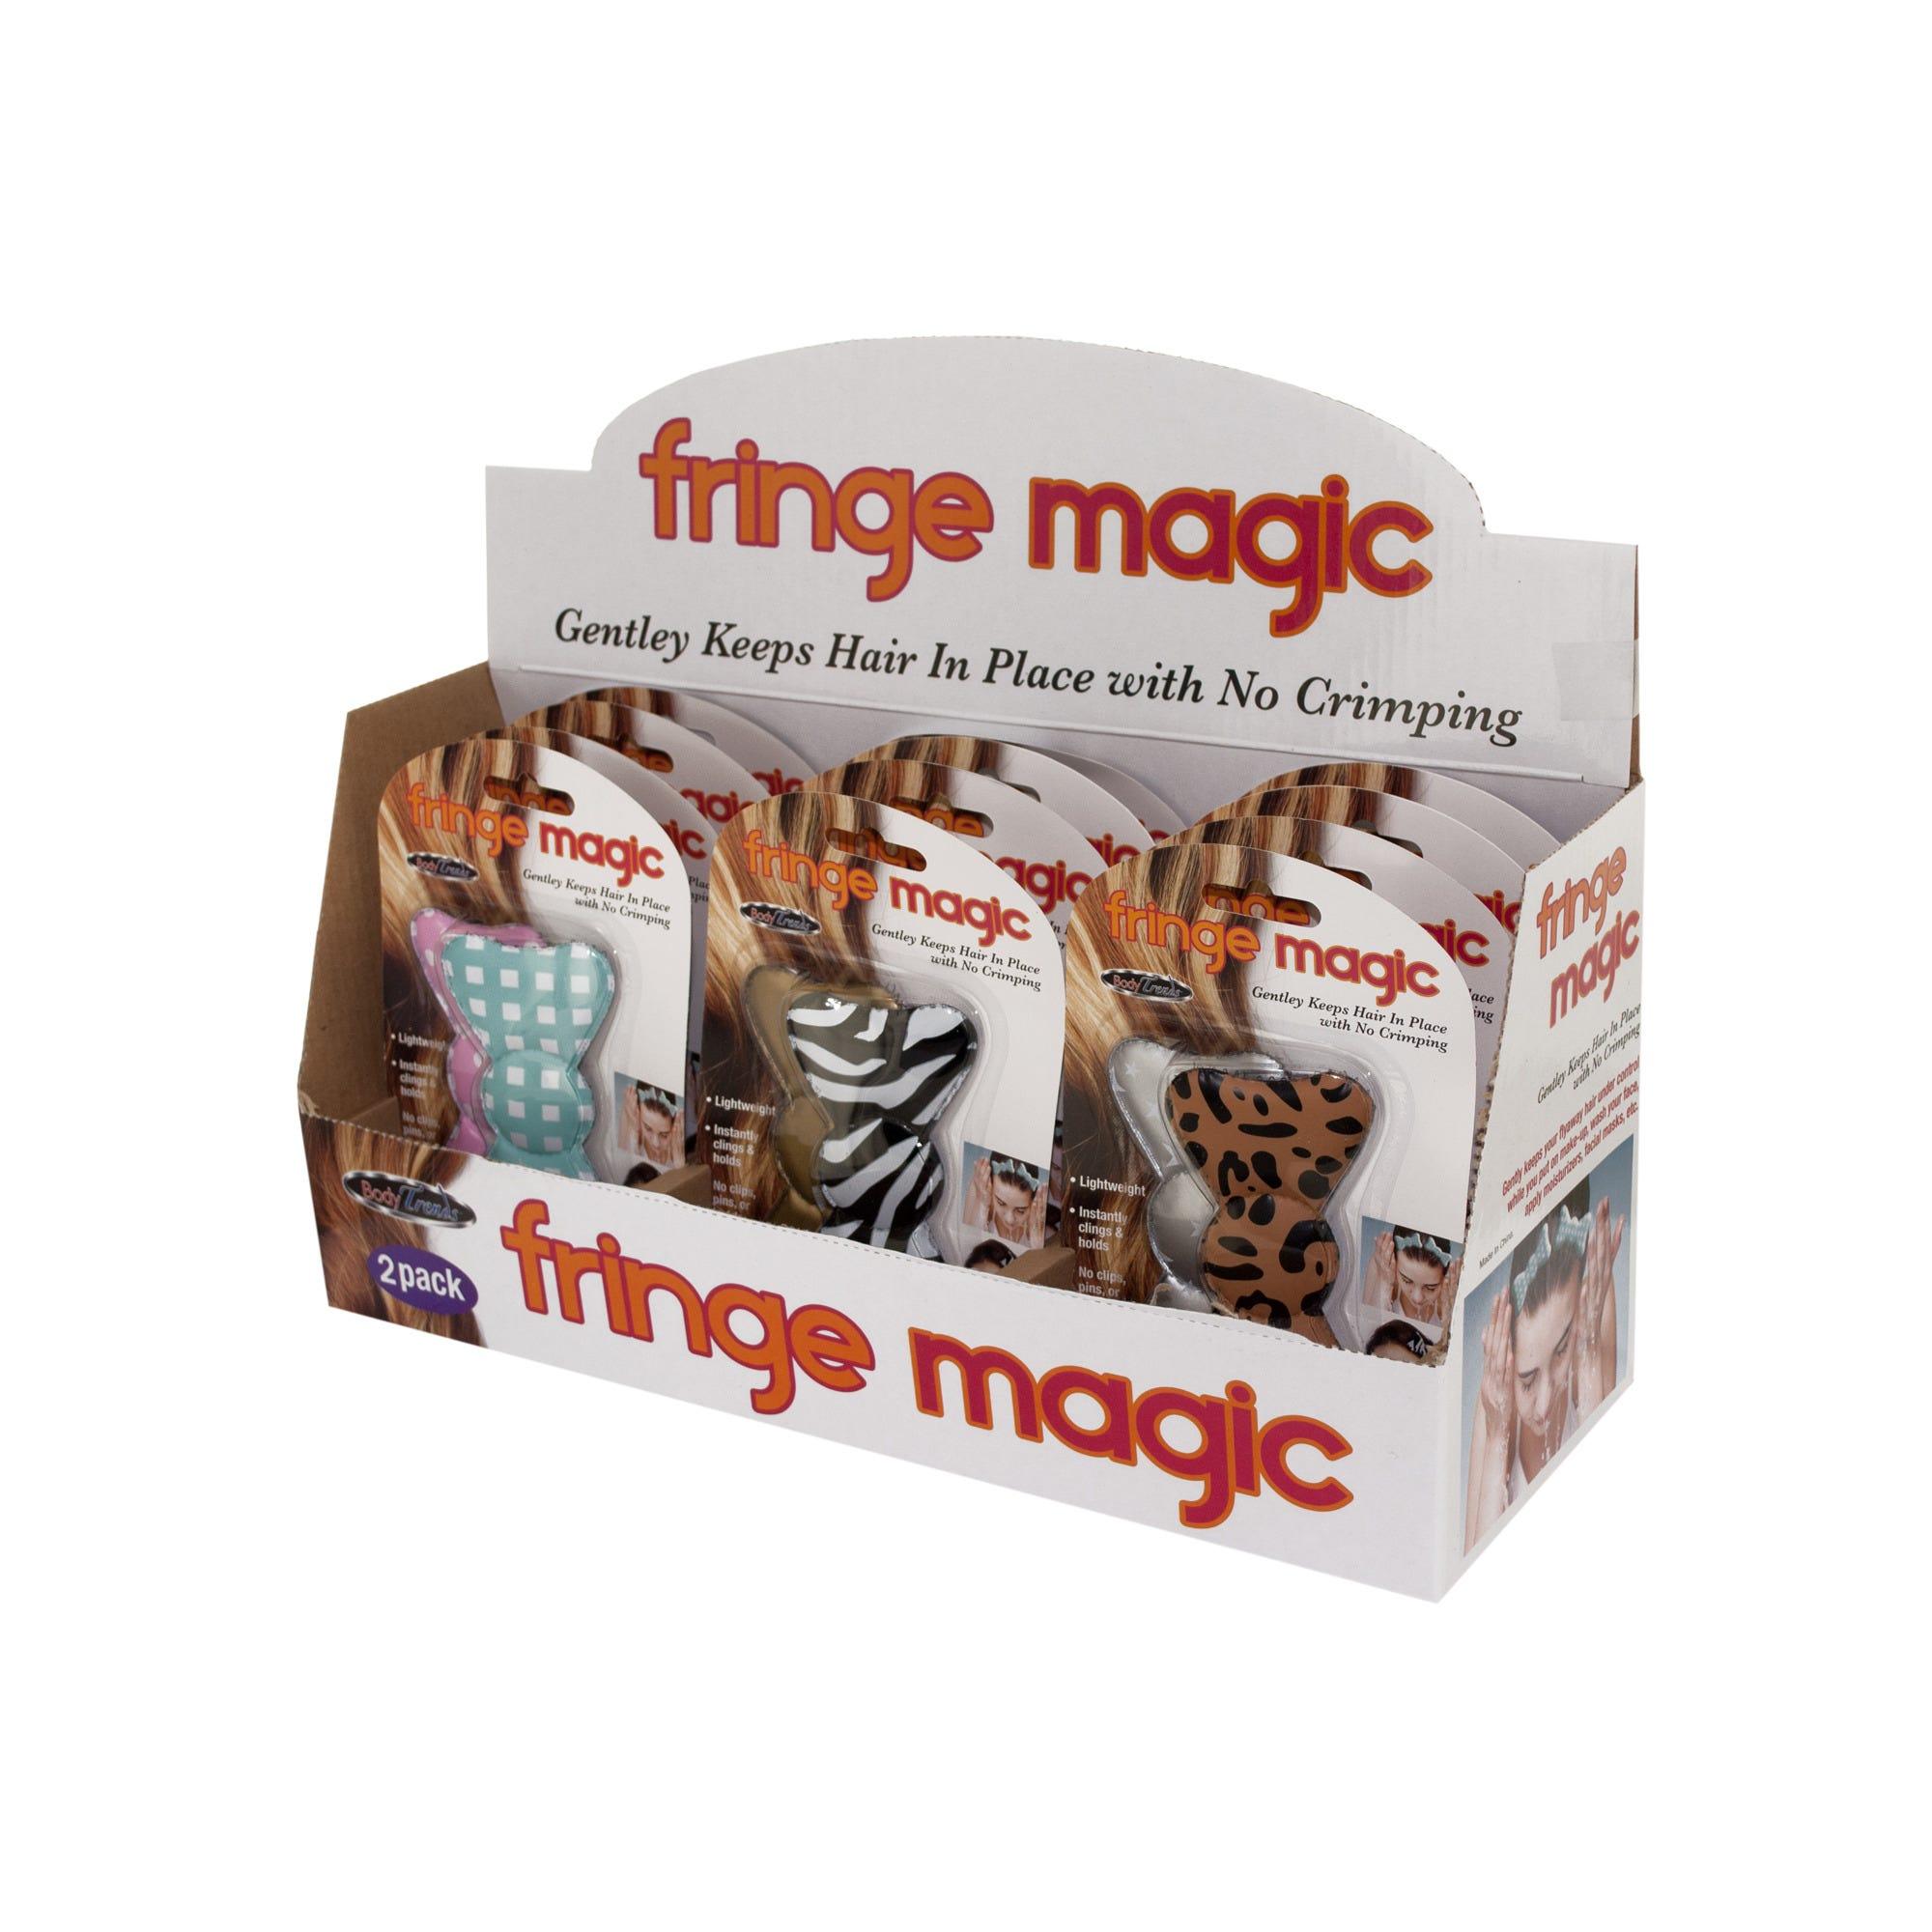 Fringe Magic HAIR BOWs Countertop Display- Qty 12